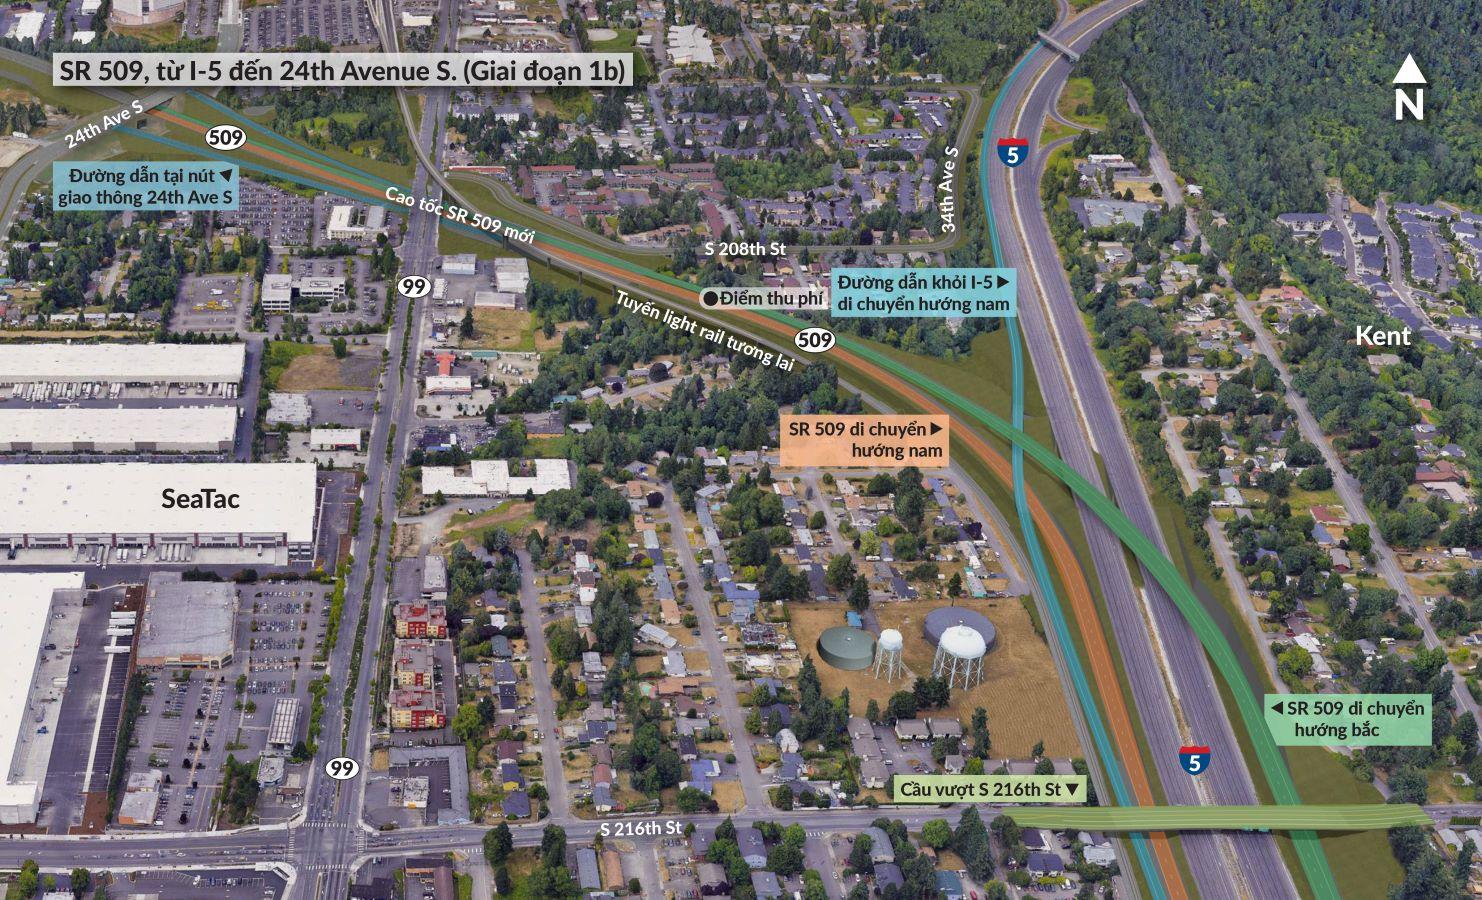 Cao tốc SR 509 và đường dẫn sẽ tạo kết nối mới đến nhiều trung tâm phân phối và kho hàng